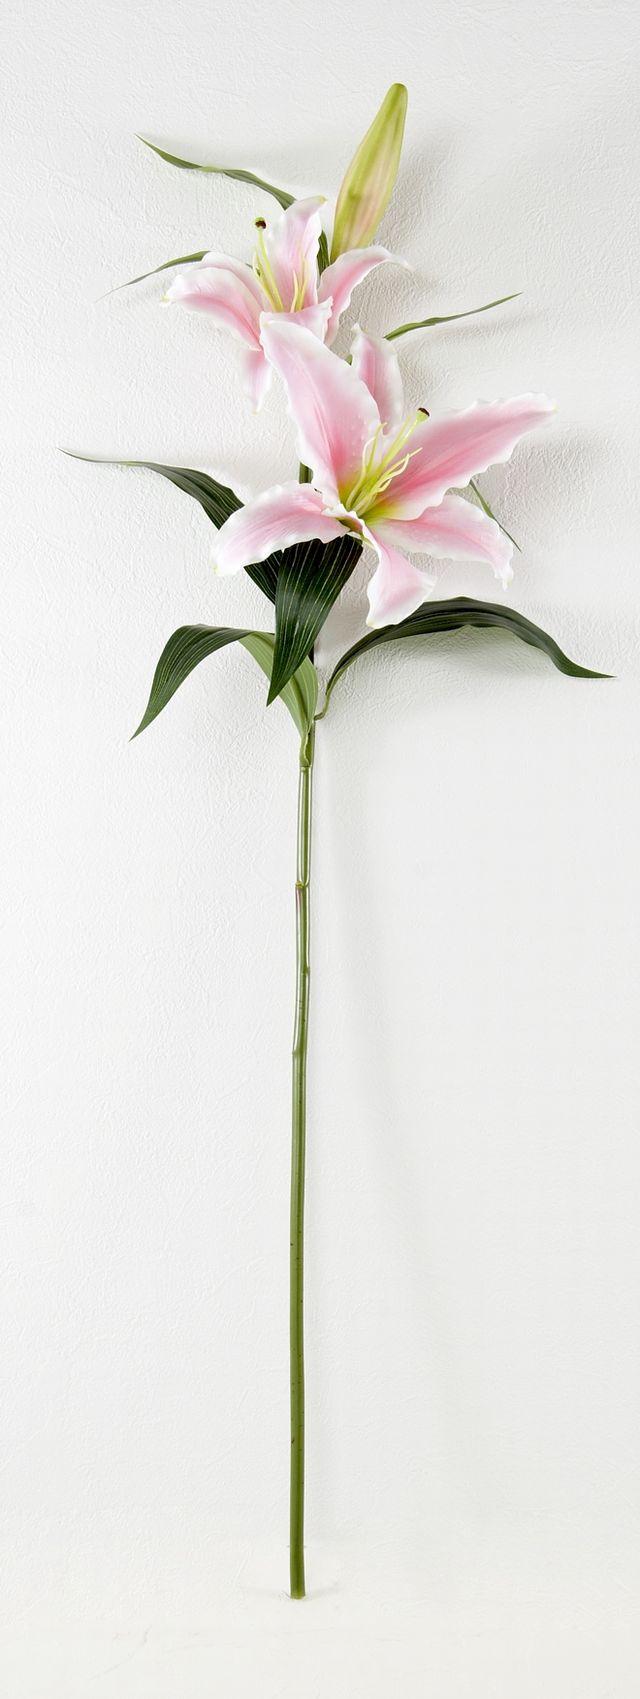 【造花・アートフラワー・シルクフラワー】クイーン・カサブランカ(ピンク)